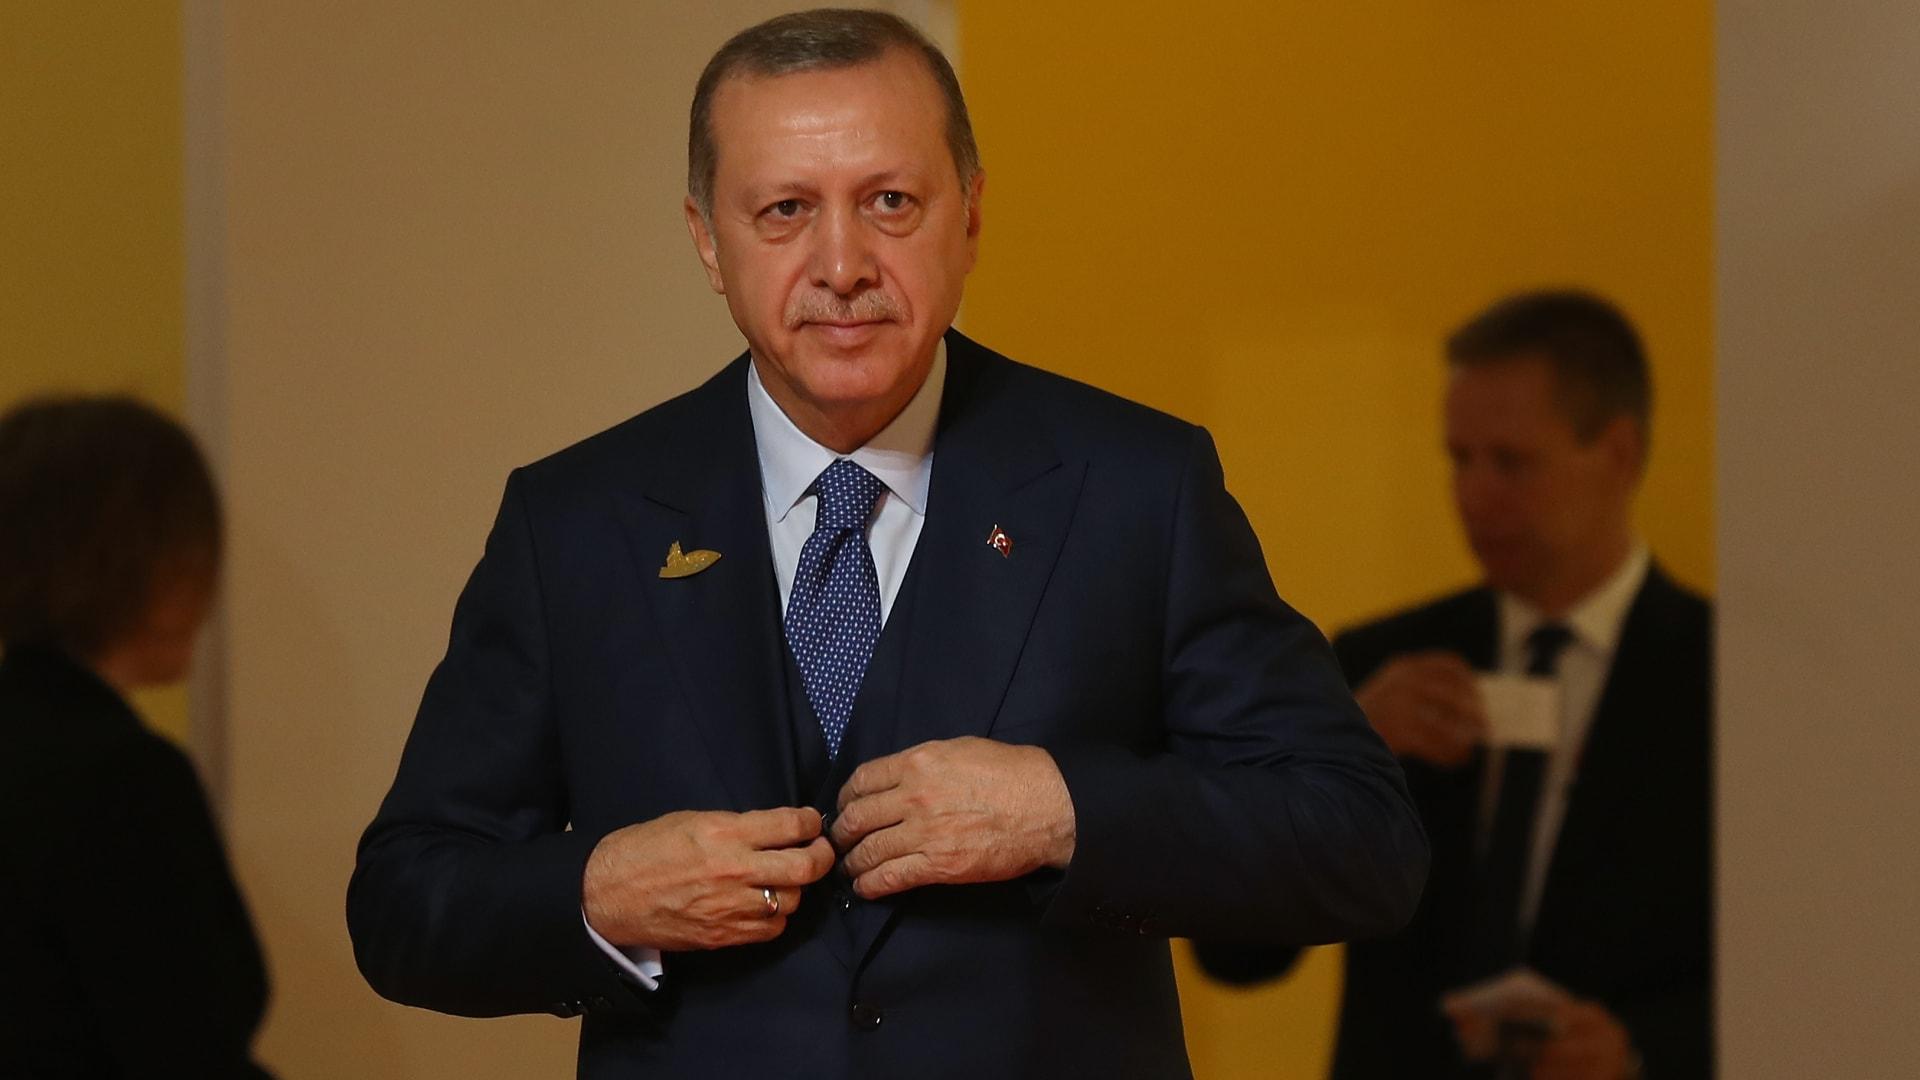 تركيا: نتفهم رغبة الغرب بالحفاظ على صفقاتهم مع السعودية